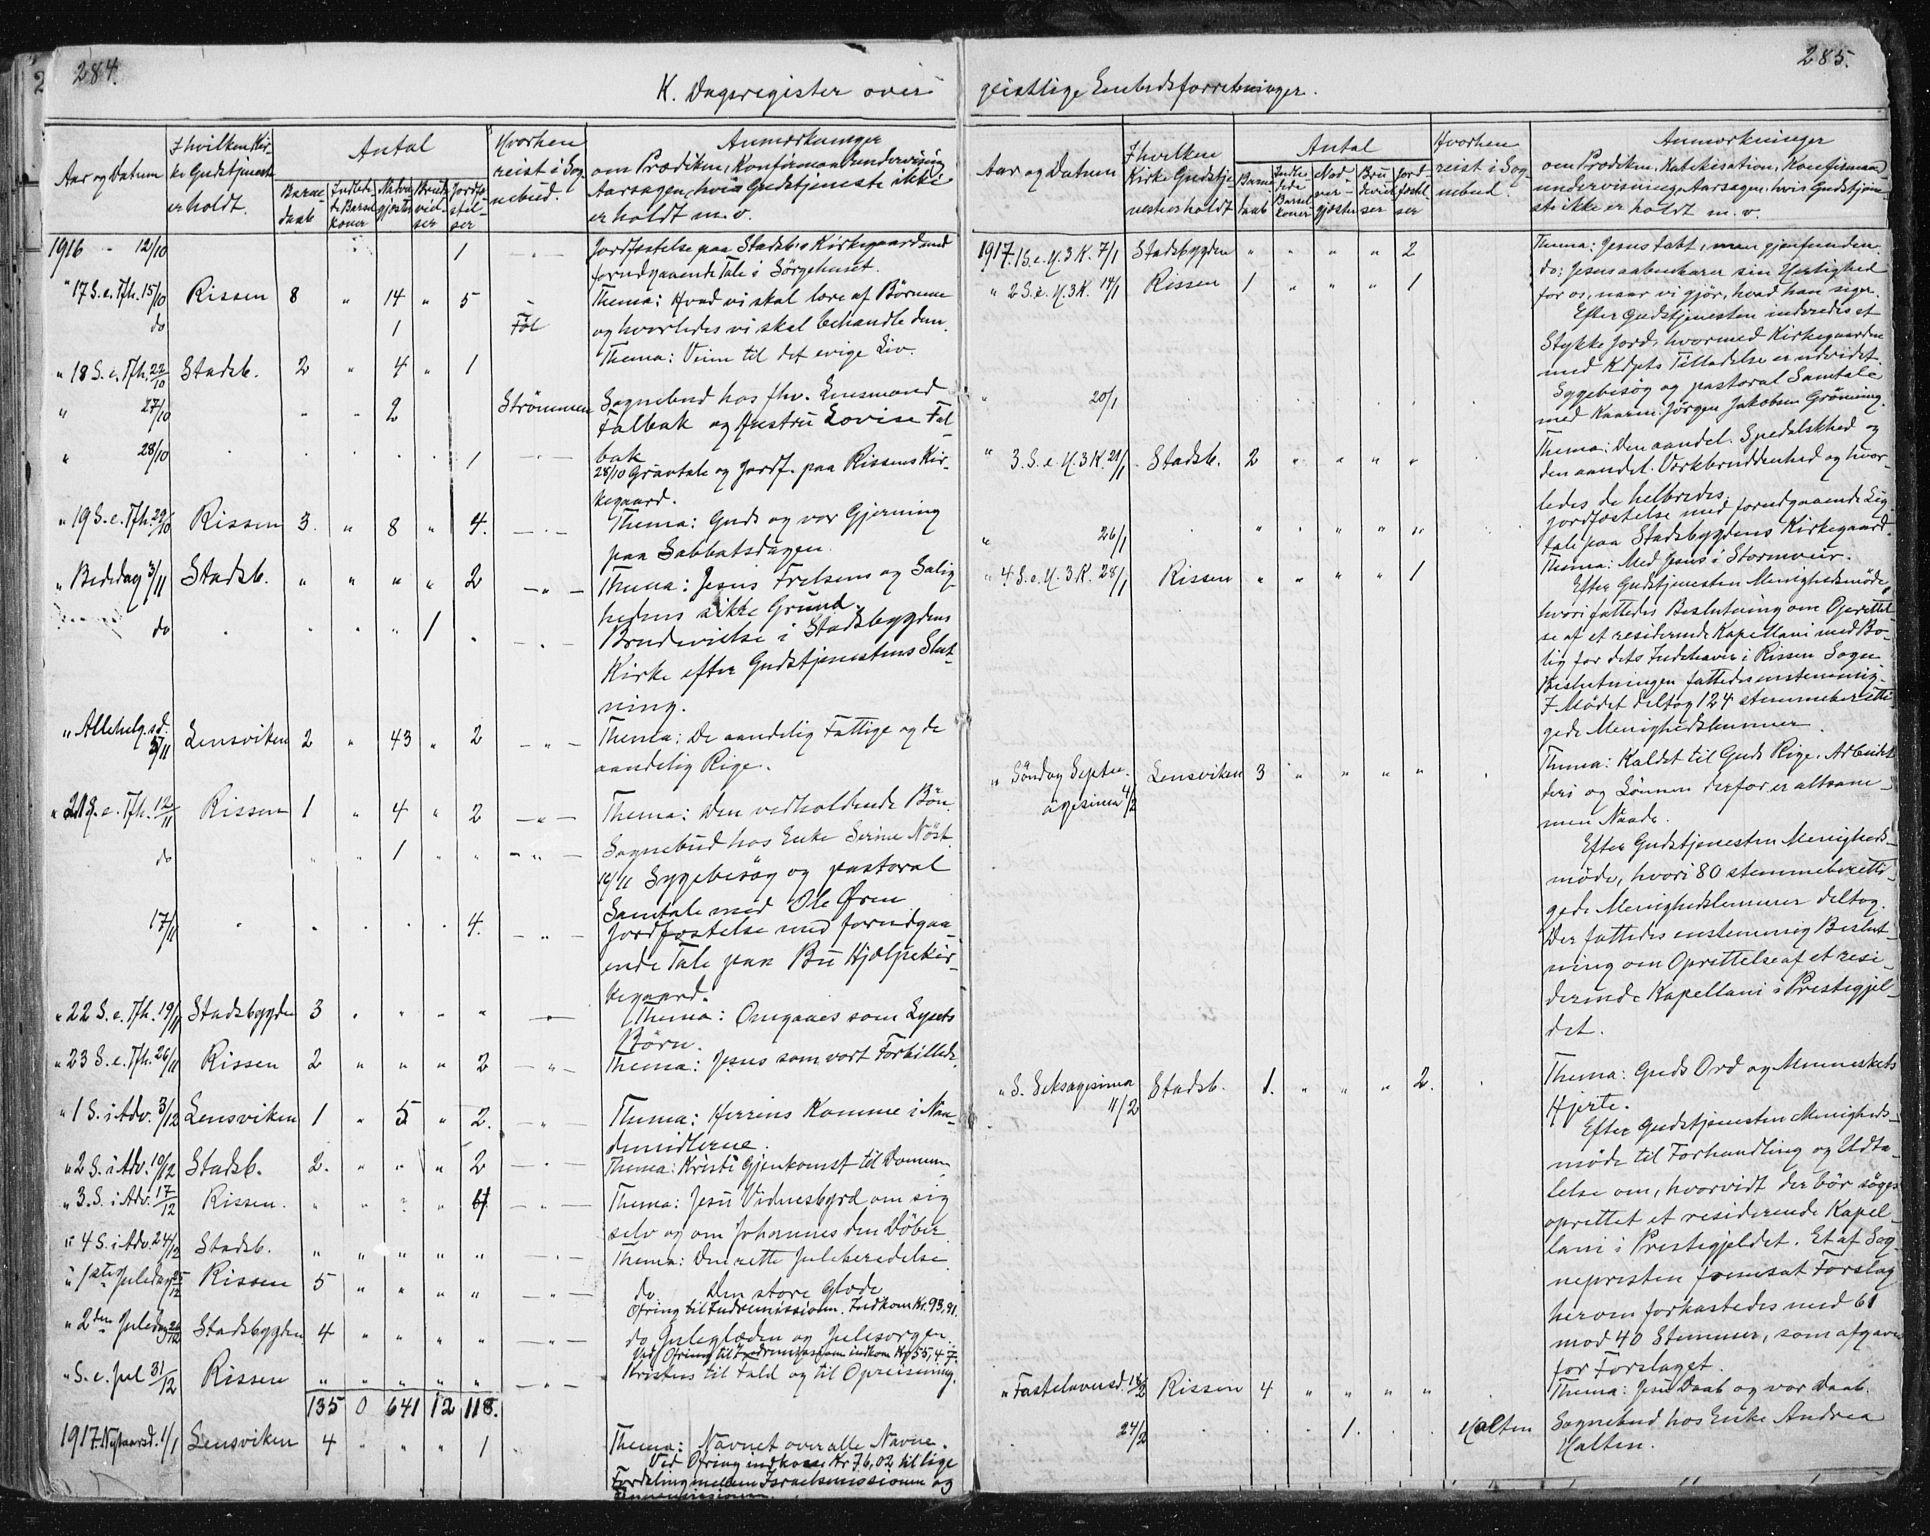 SAT, Ministerialprotokoller, klokkerbøker og fødselsregistre - Sør-Trøndelag, 646/L0616: Ministerialbok nr. 646A14, 1900-1918, s. 284-285